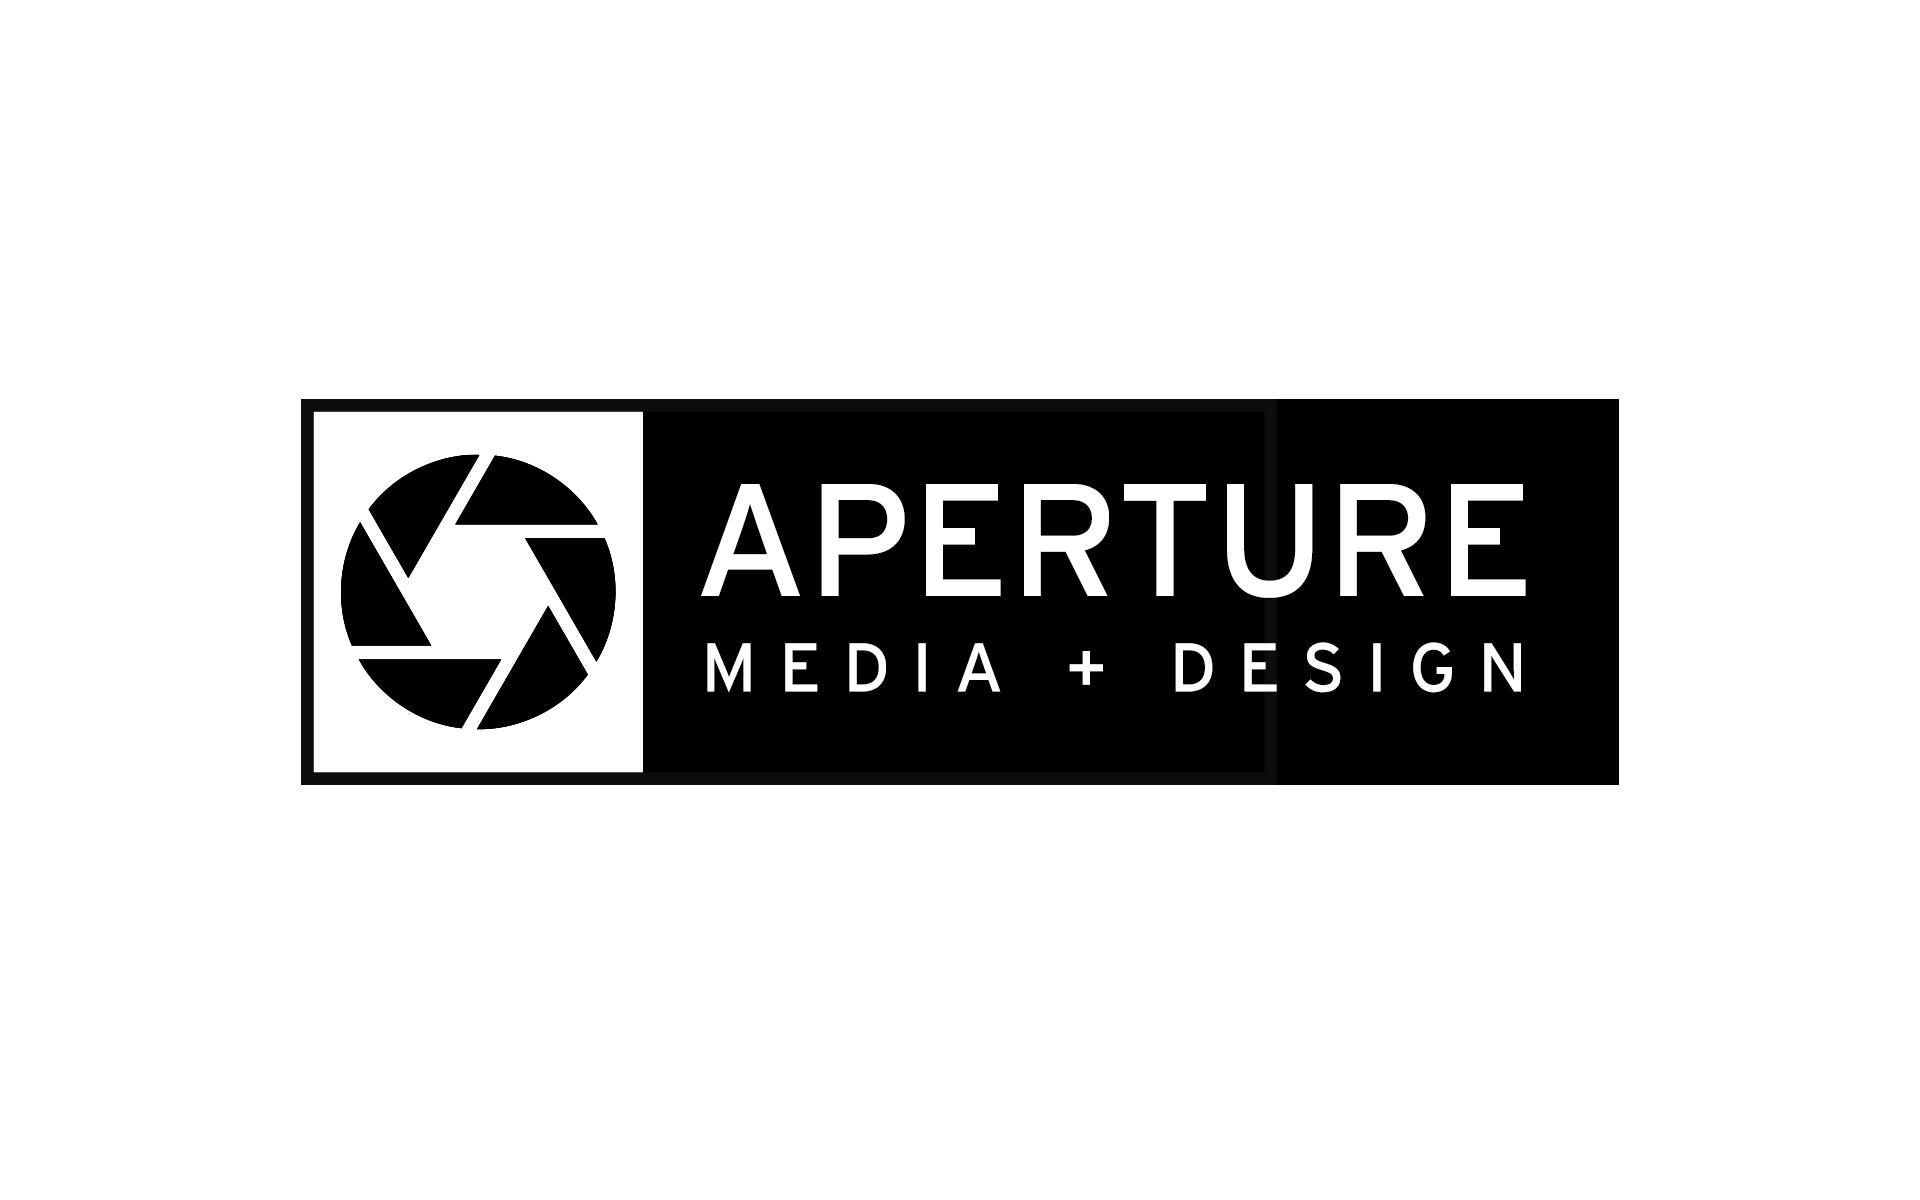 Aperture Media